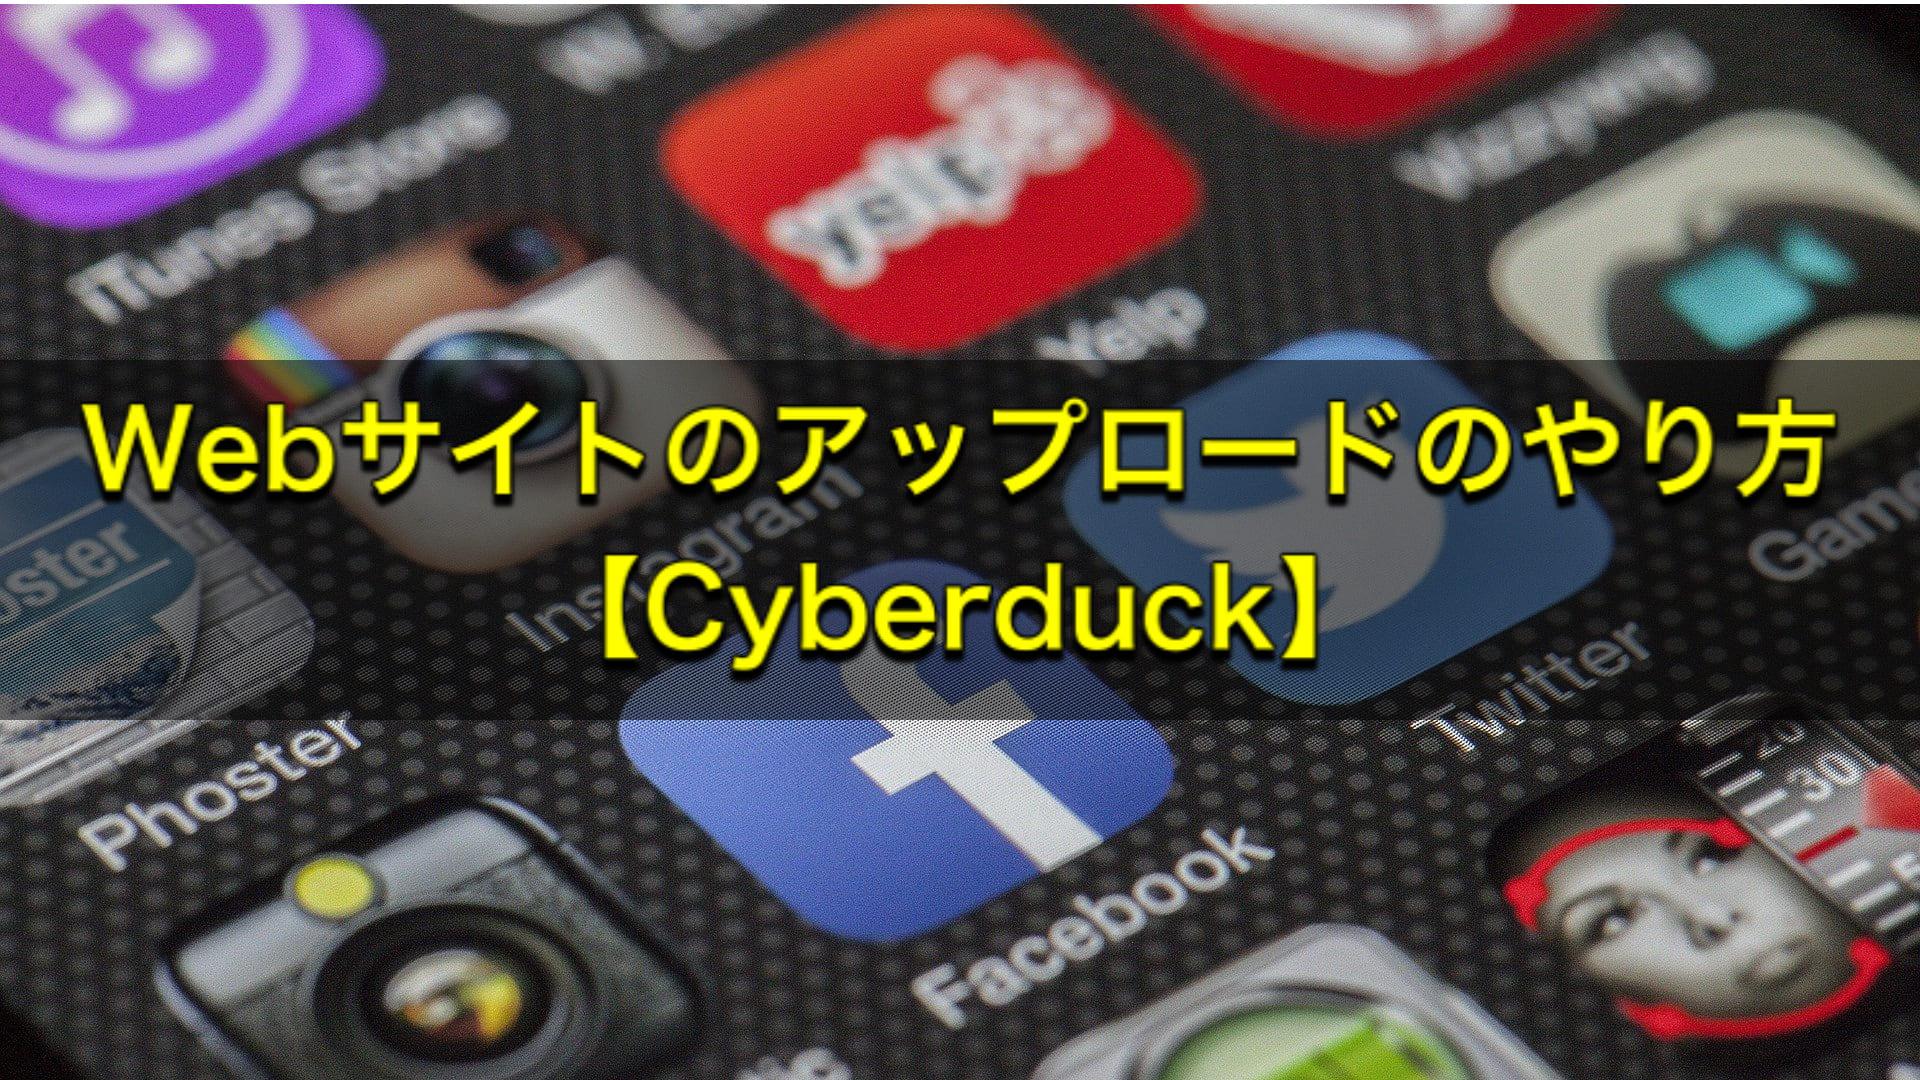 【誰でもできる】Webサイトのアップロードのやり方【Cyberduck】